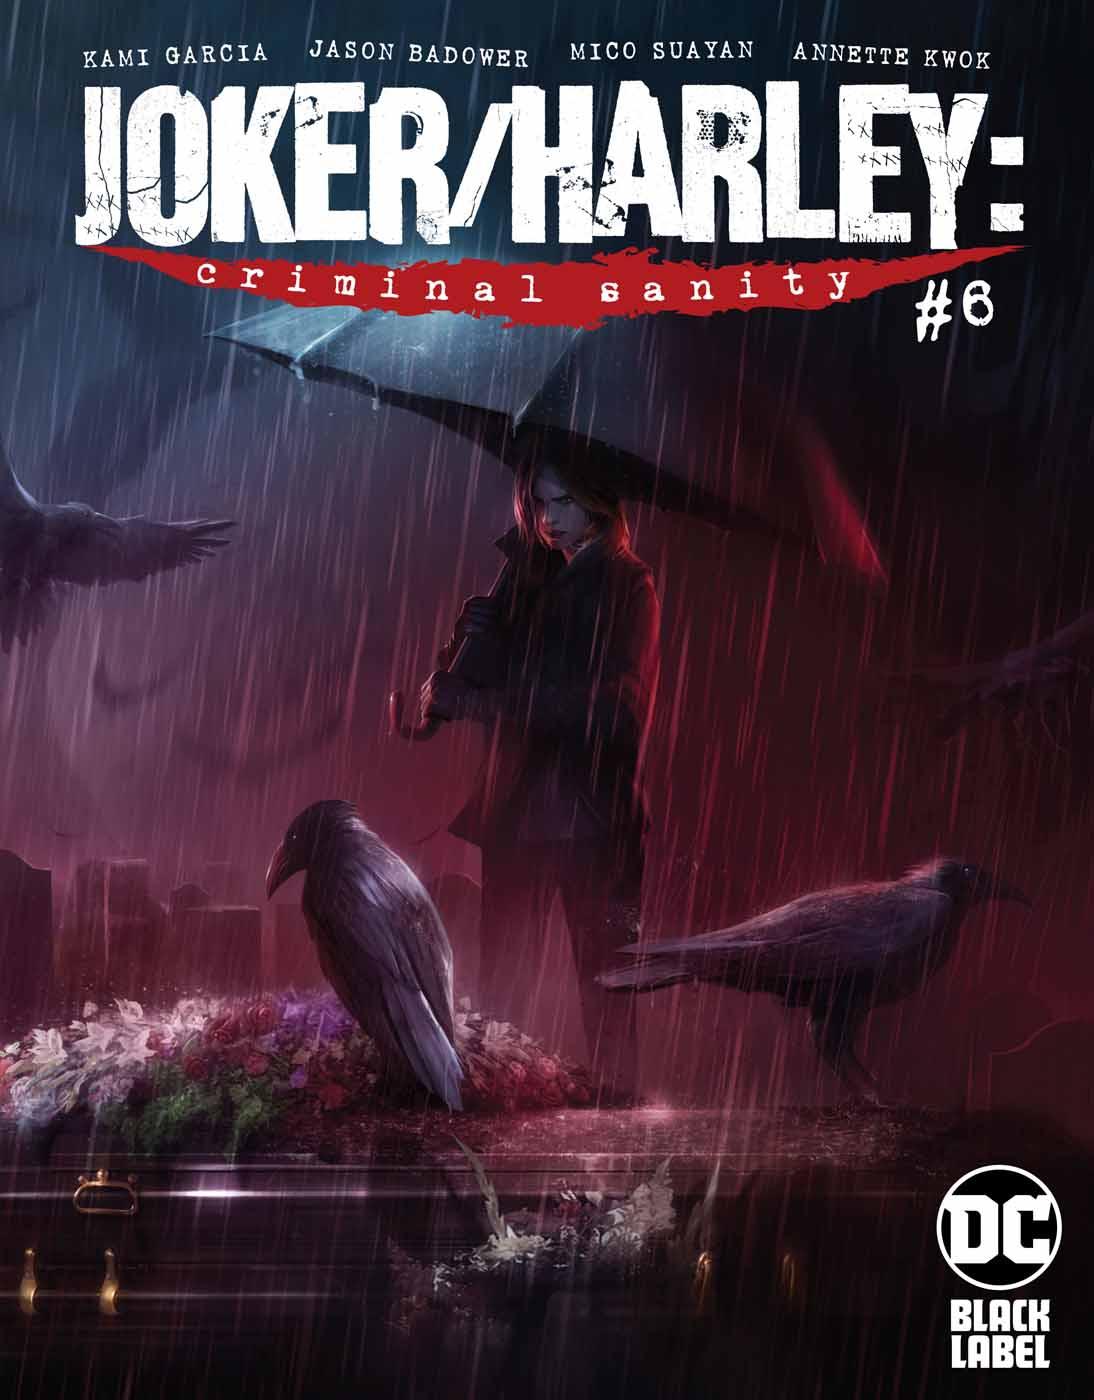 jokerharley6a